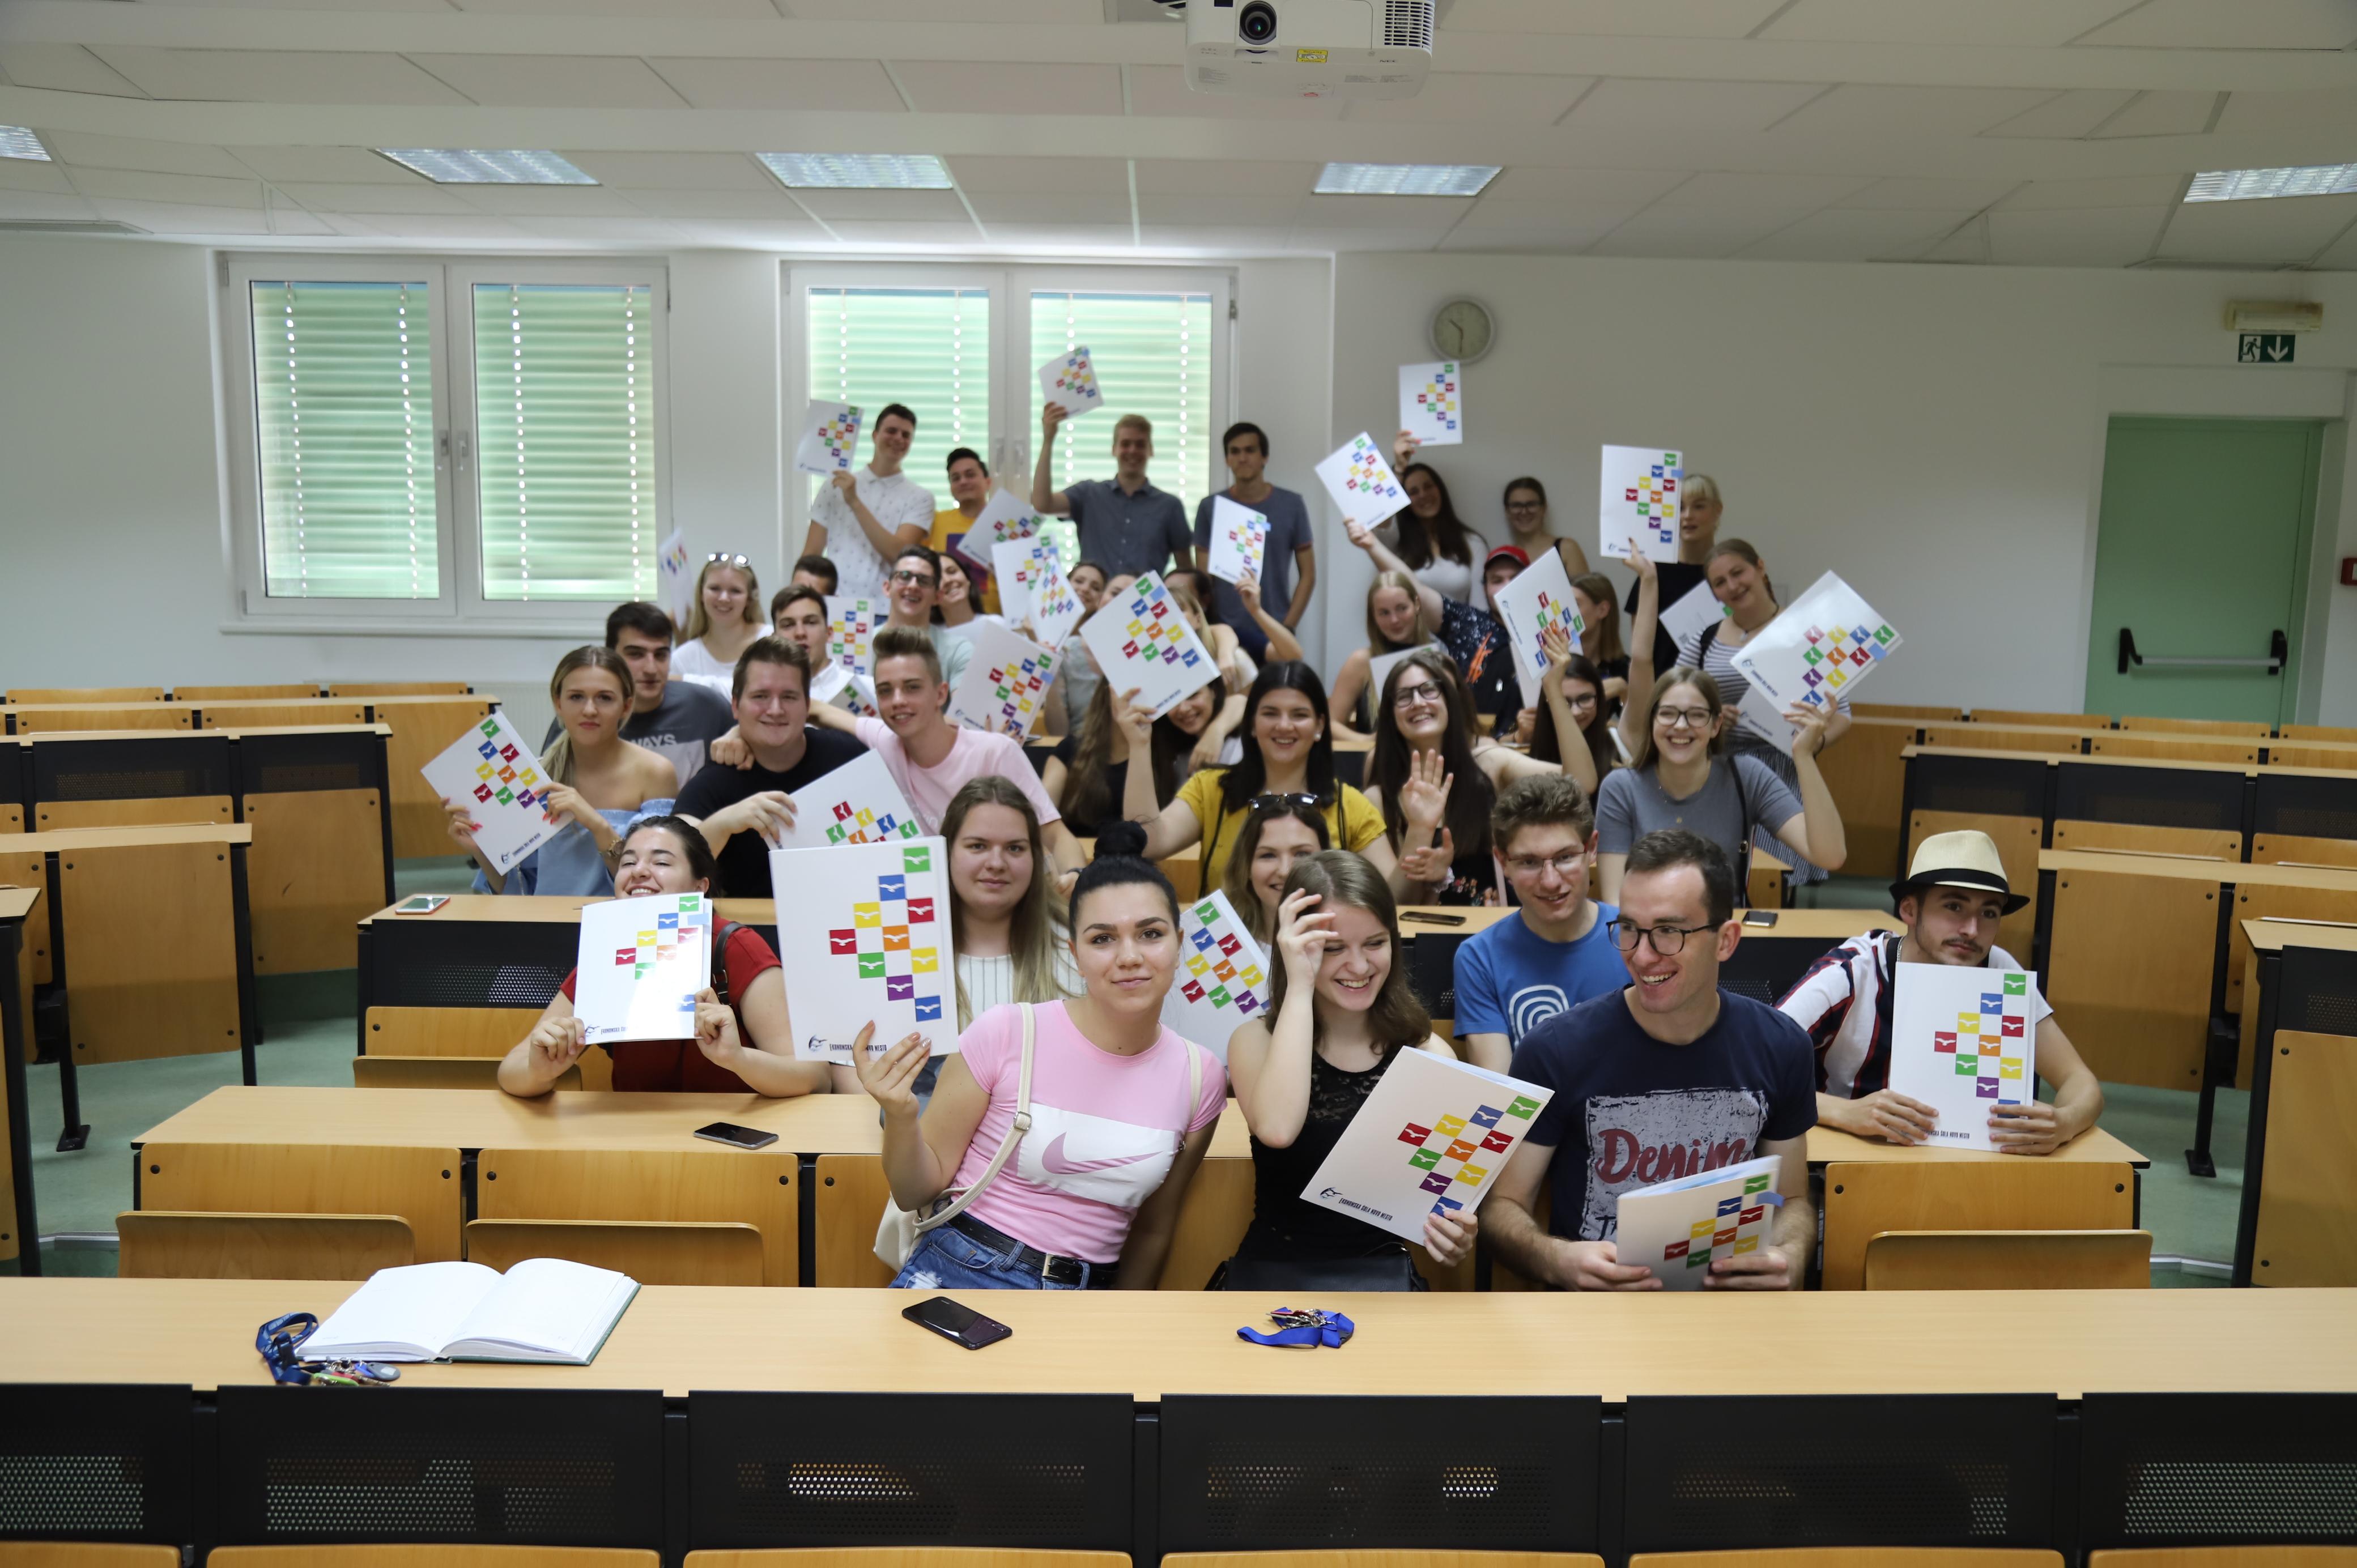 Seznanitev z uspehom in podelitev spričeval poklicne mature 2019 na Ekonomski šoli Novo mesto